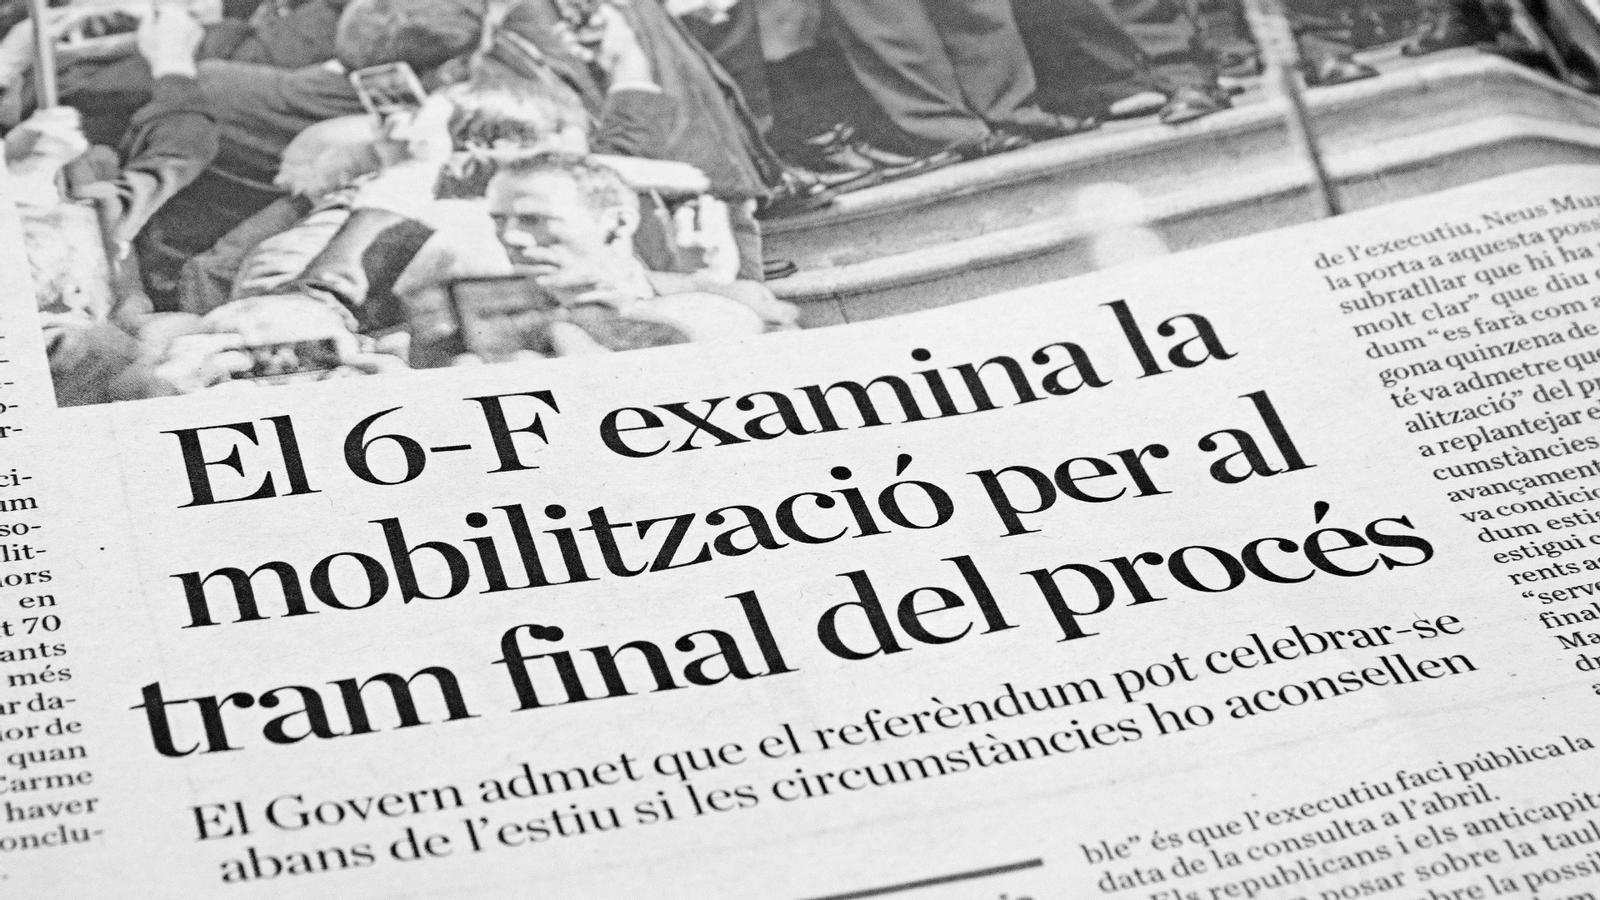 L'anàlisi d'Antoni Bassas: 'El 6-F i 2,3 milions de raons'